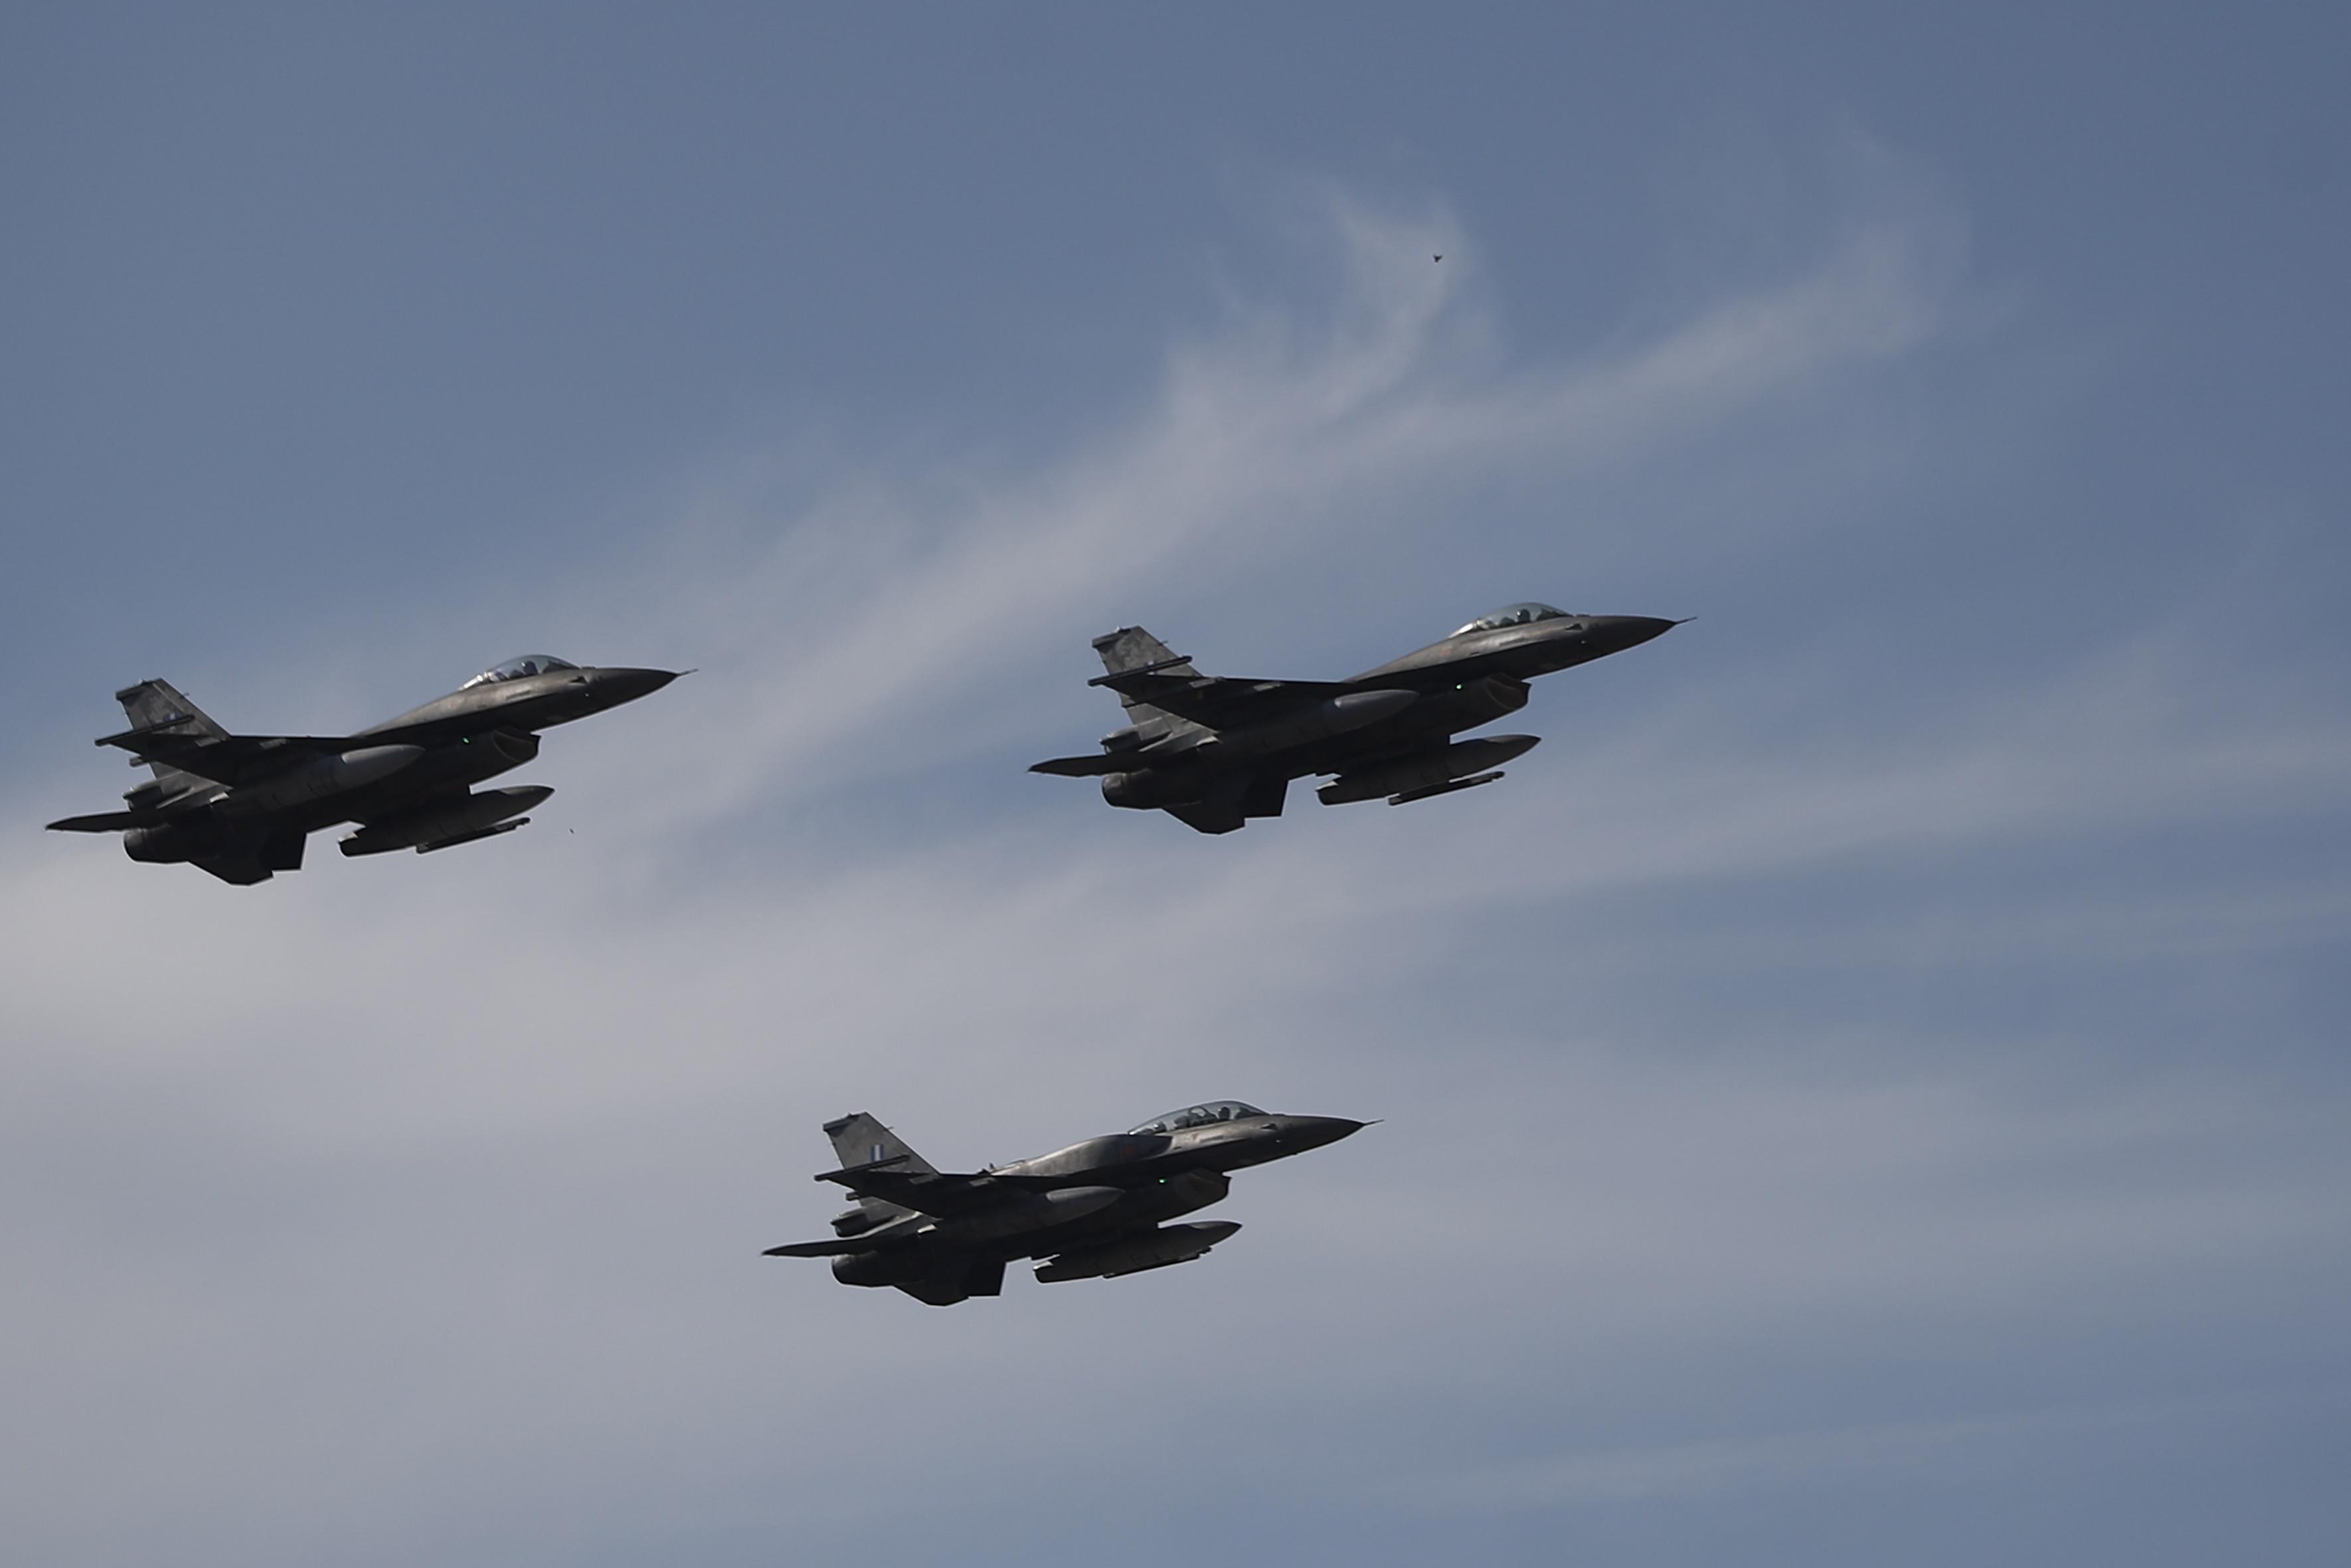 """NATO a interceptat """"neobișnuit"""" de multe avioane de război ruseşti în apropiere de teritoriul său"""